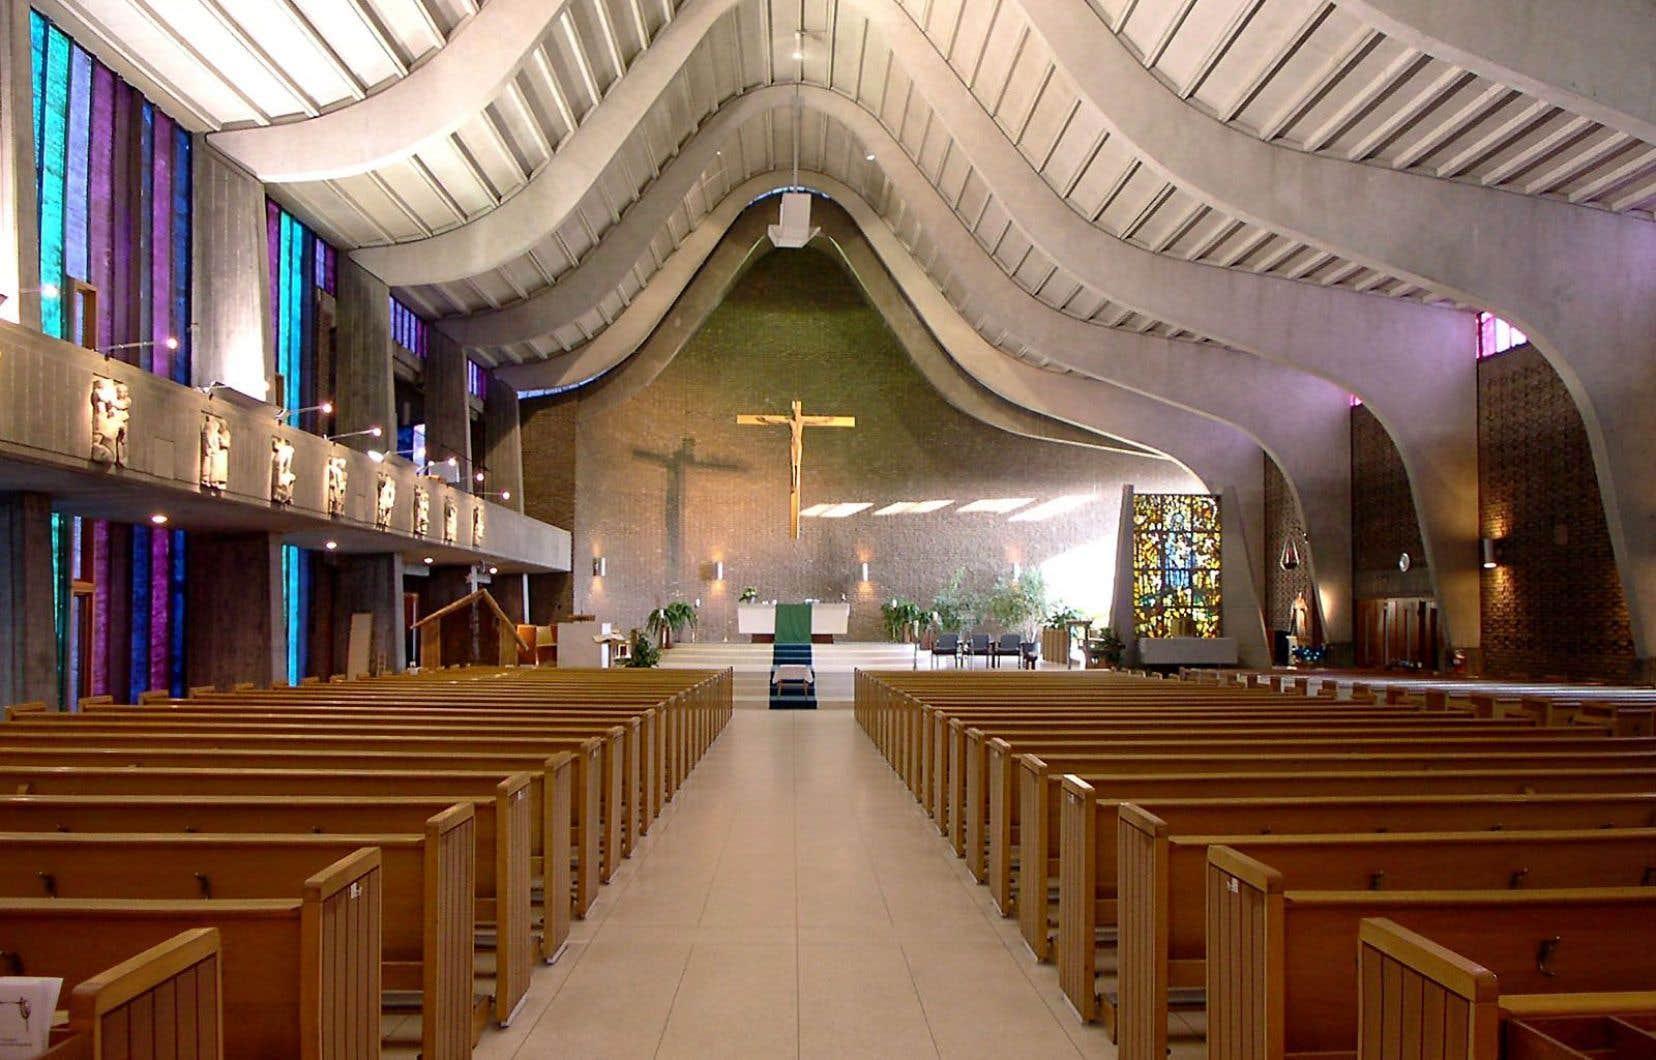 L'église Saint-Gérard-Majella, à Saint-Jean-sur-Richelieu, qualifiée de «bijou d'architecture moderne», était condamnée à la démolition en 2015.